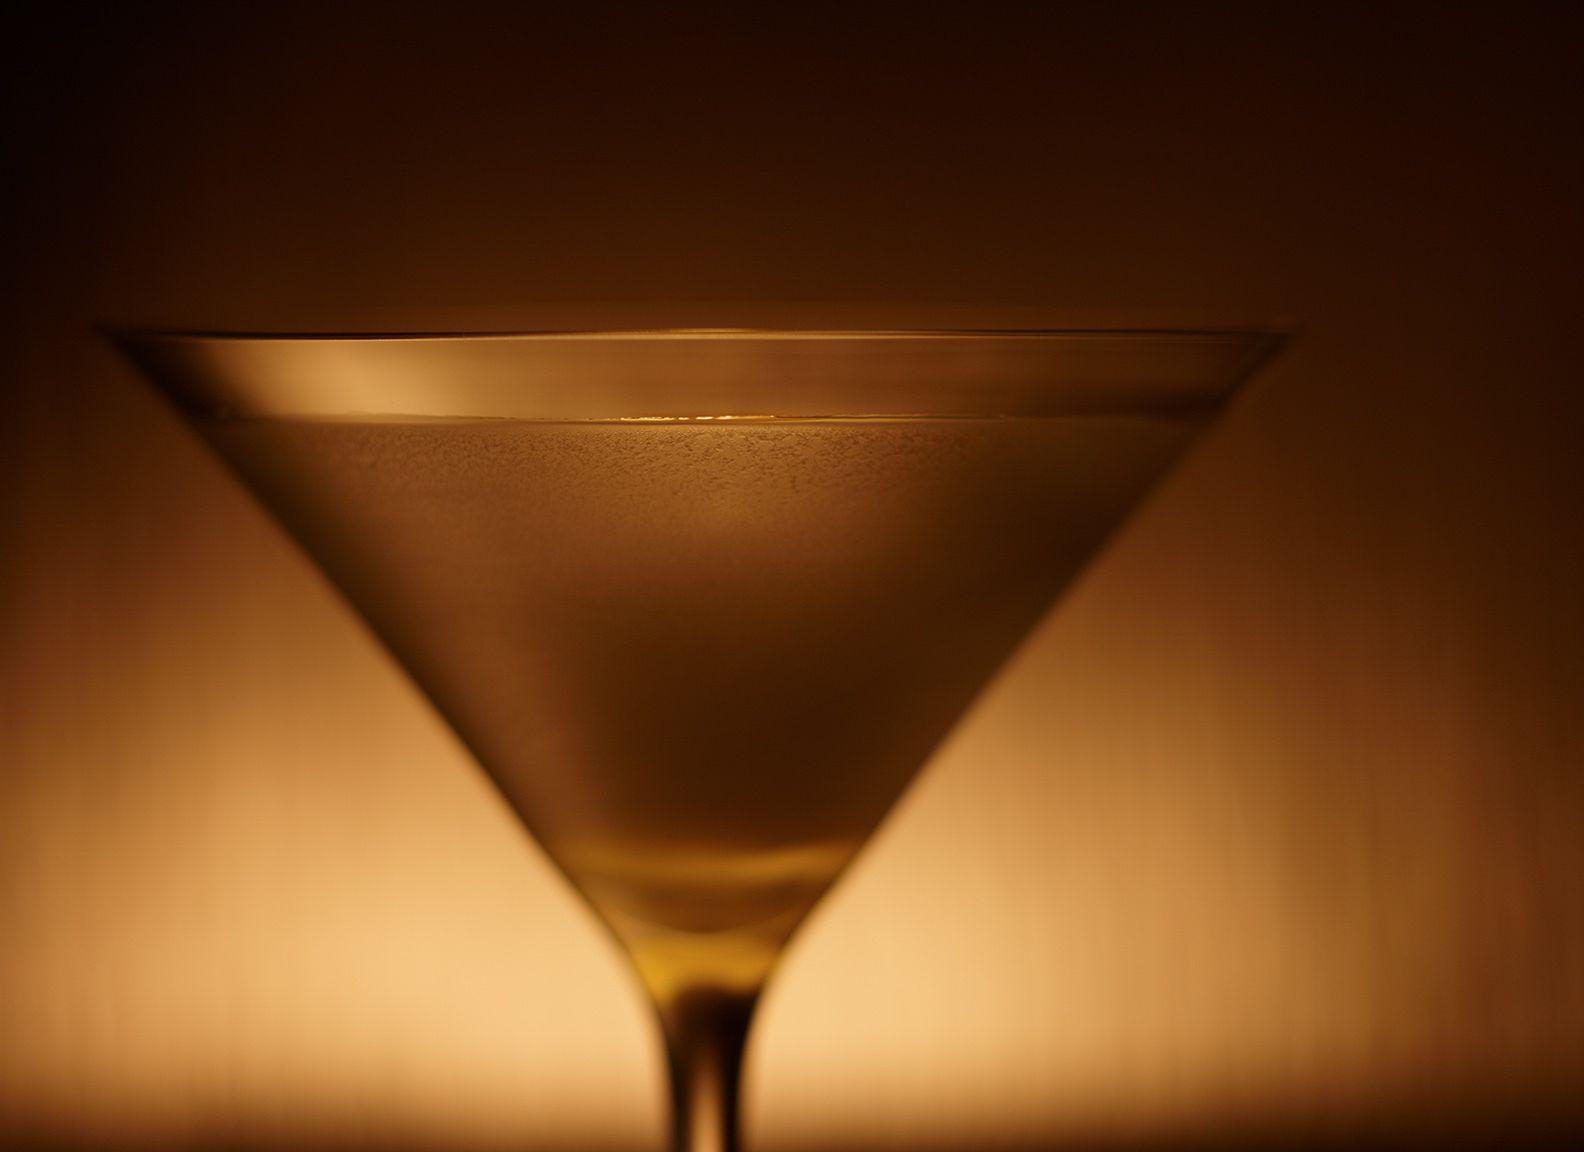 1020909_drinkrum_293.jpg